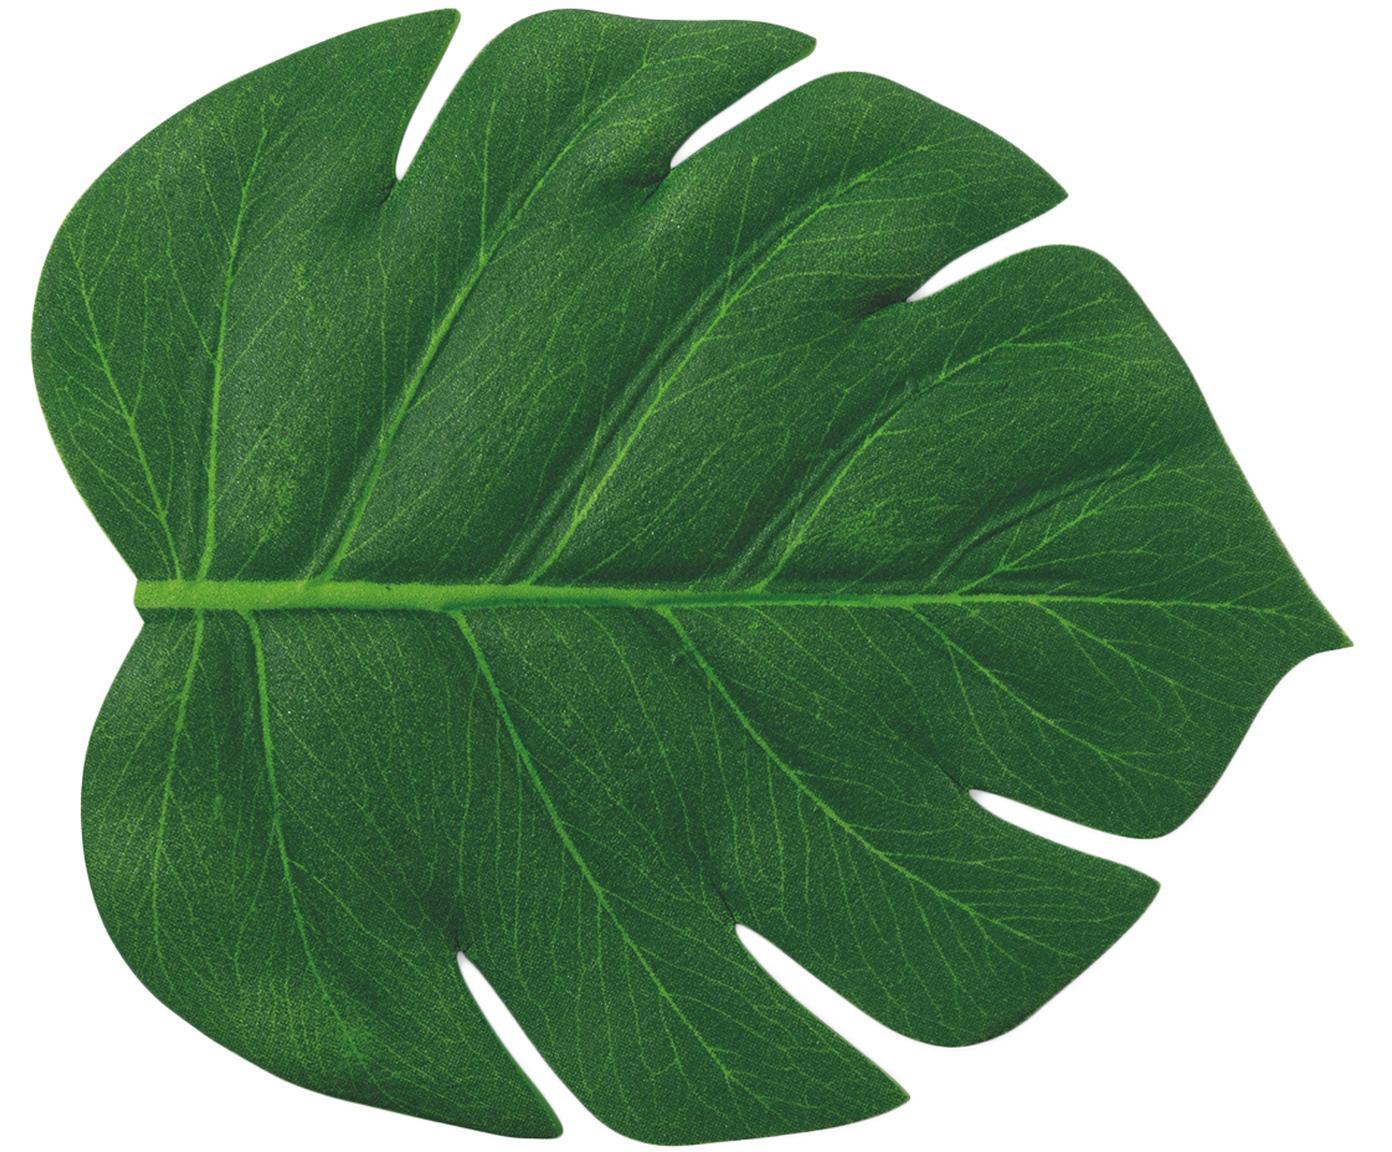 Kunststoff Untersetzer Jungle in Blattform, 6 Stück, Kunststoff, Grün, 12 x 14 cm